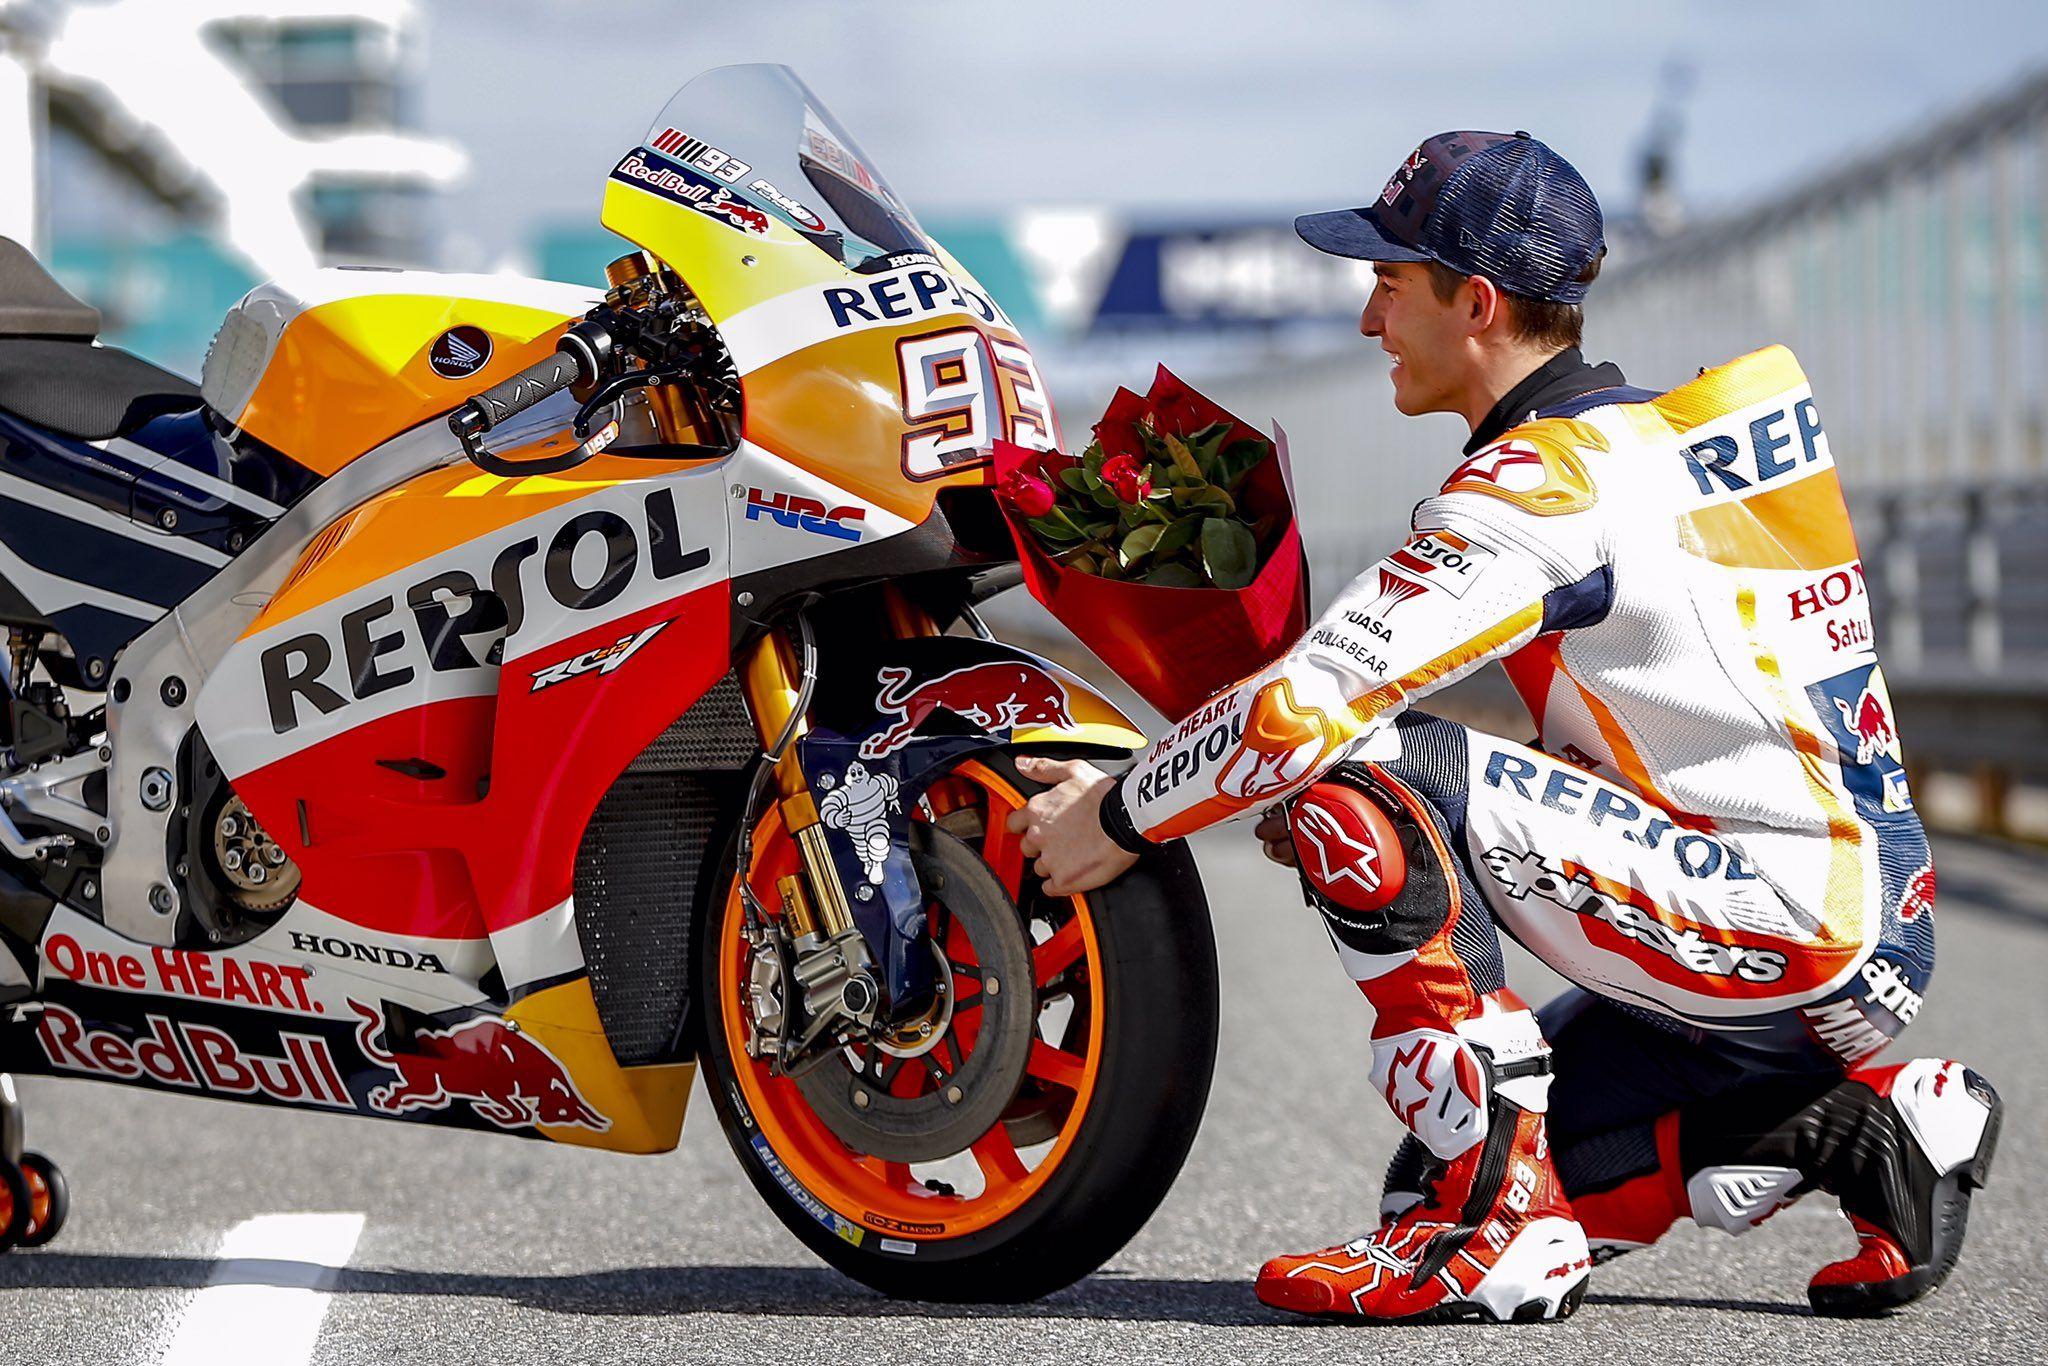 Marc Marquez On Marc Marquez Motos Deportivas Y Feliz Dia De